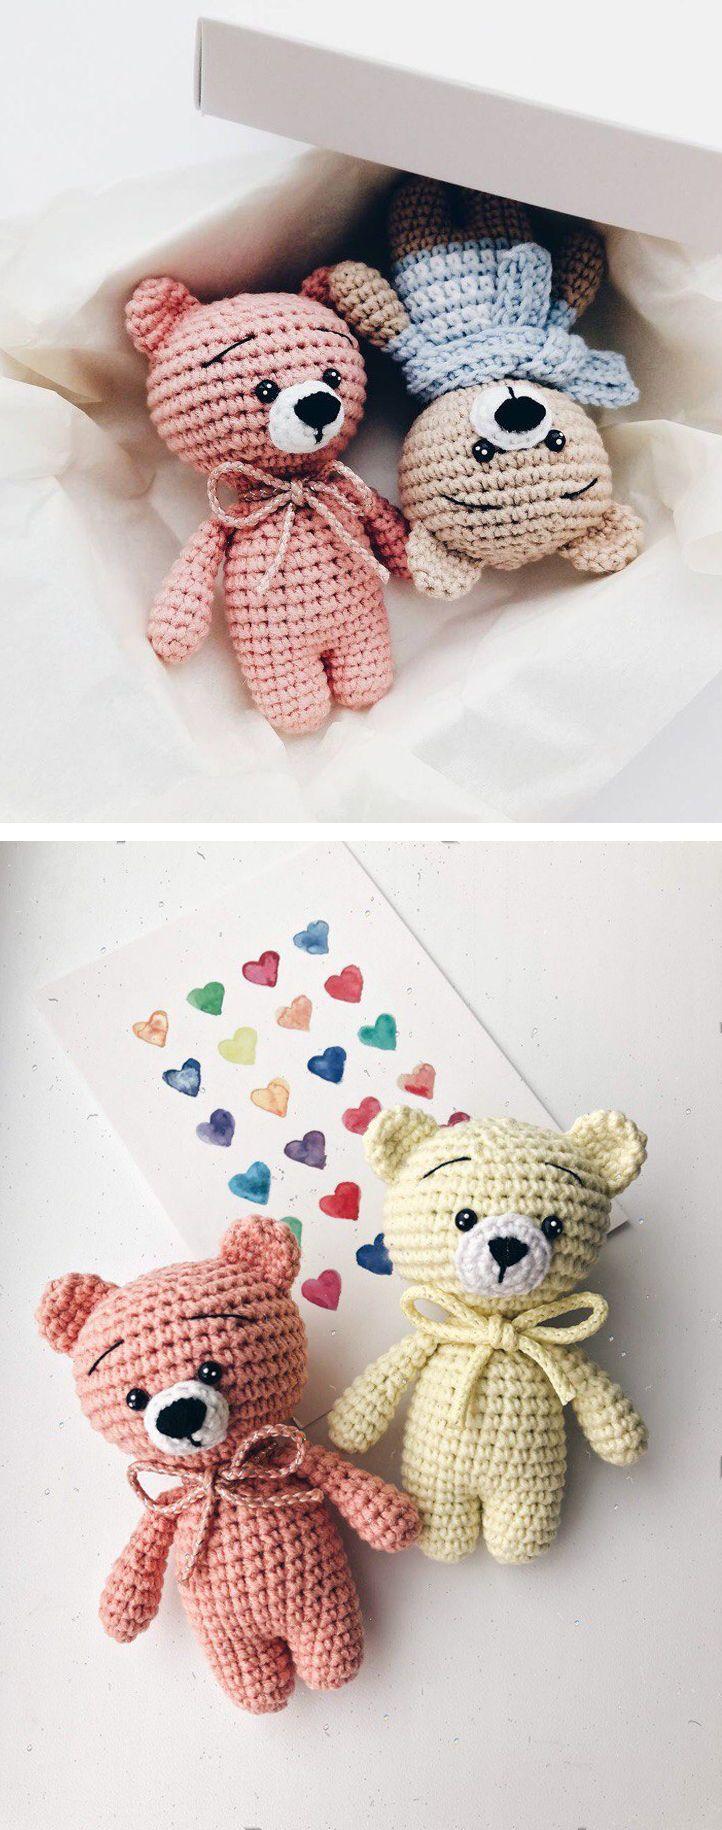 Free crochet animal patterns | Osos, Patrones amigurumi y Tejido